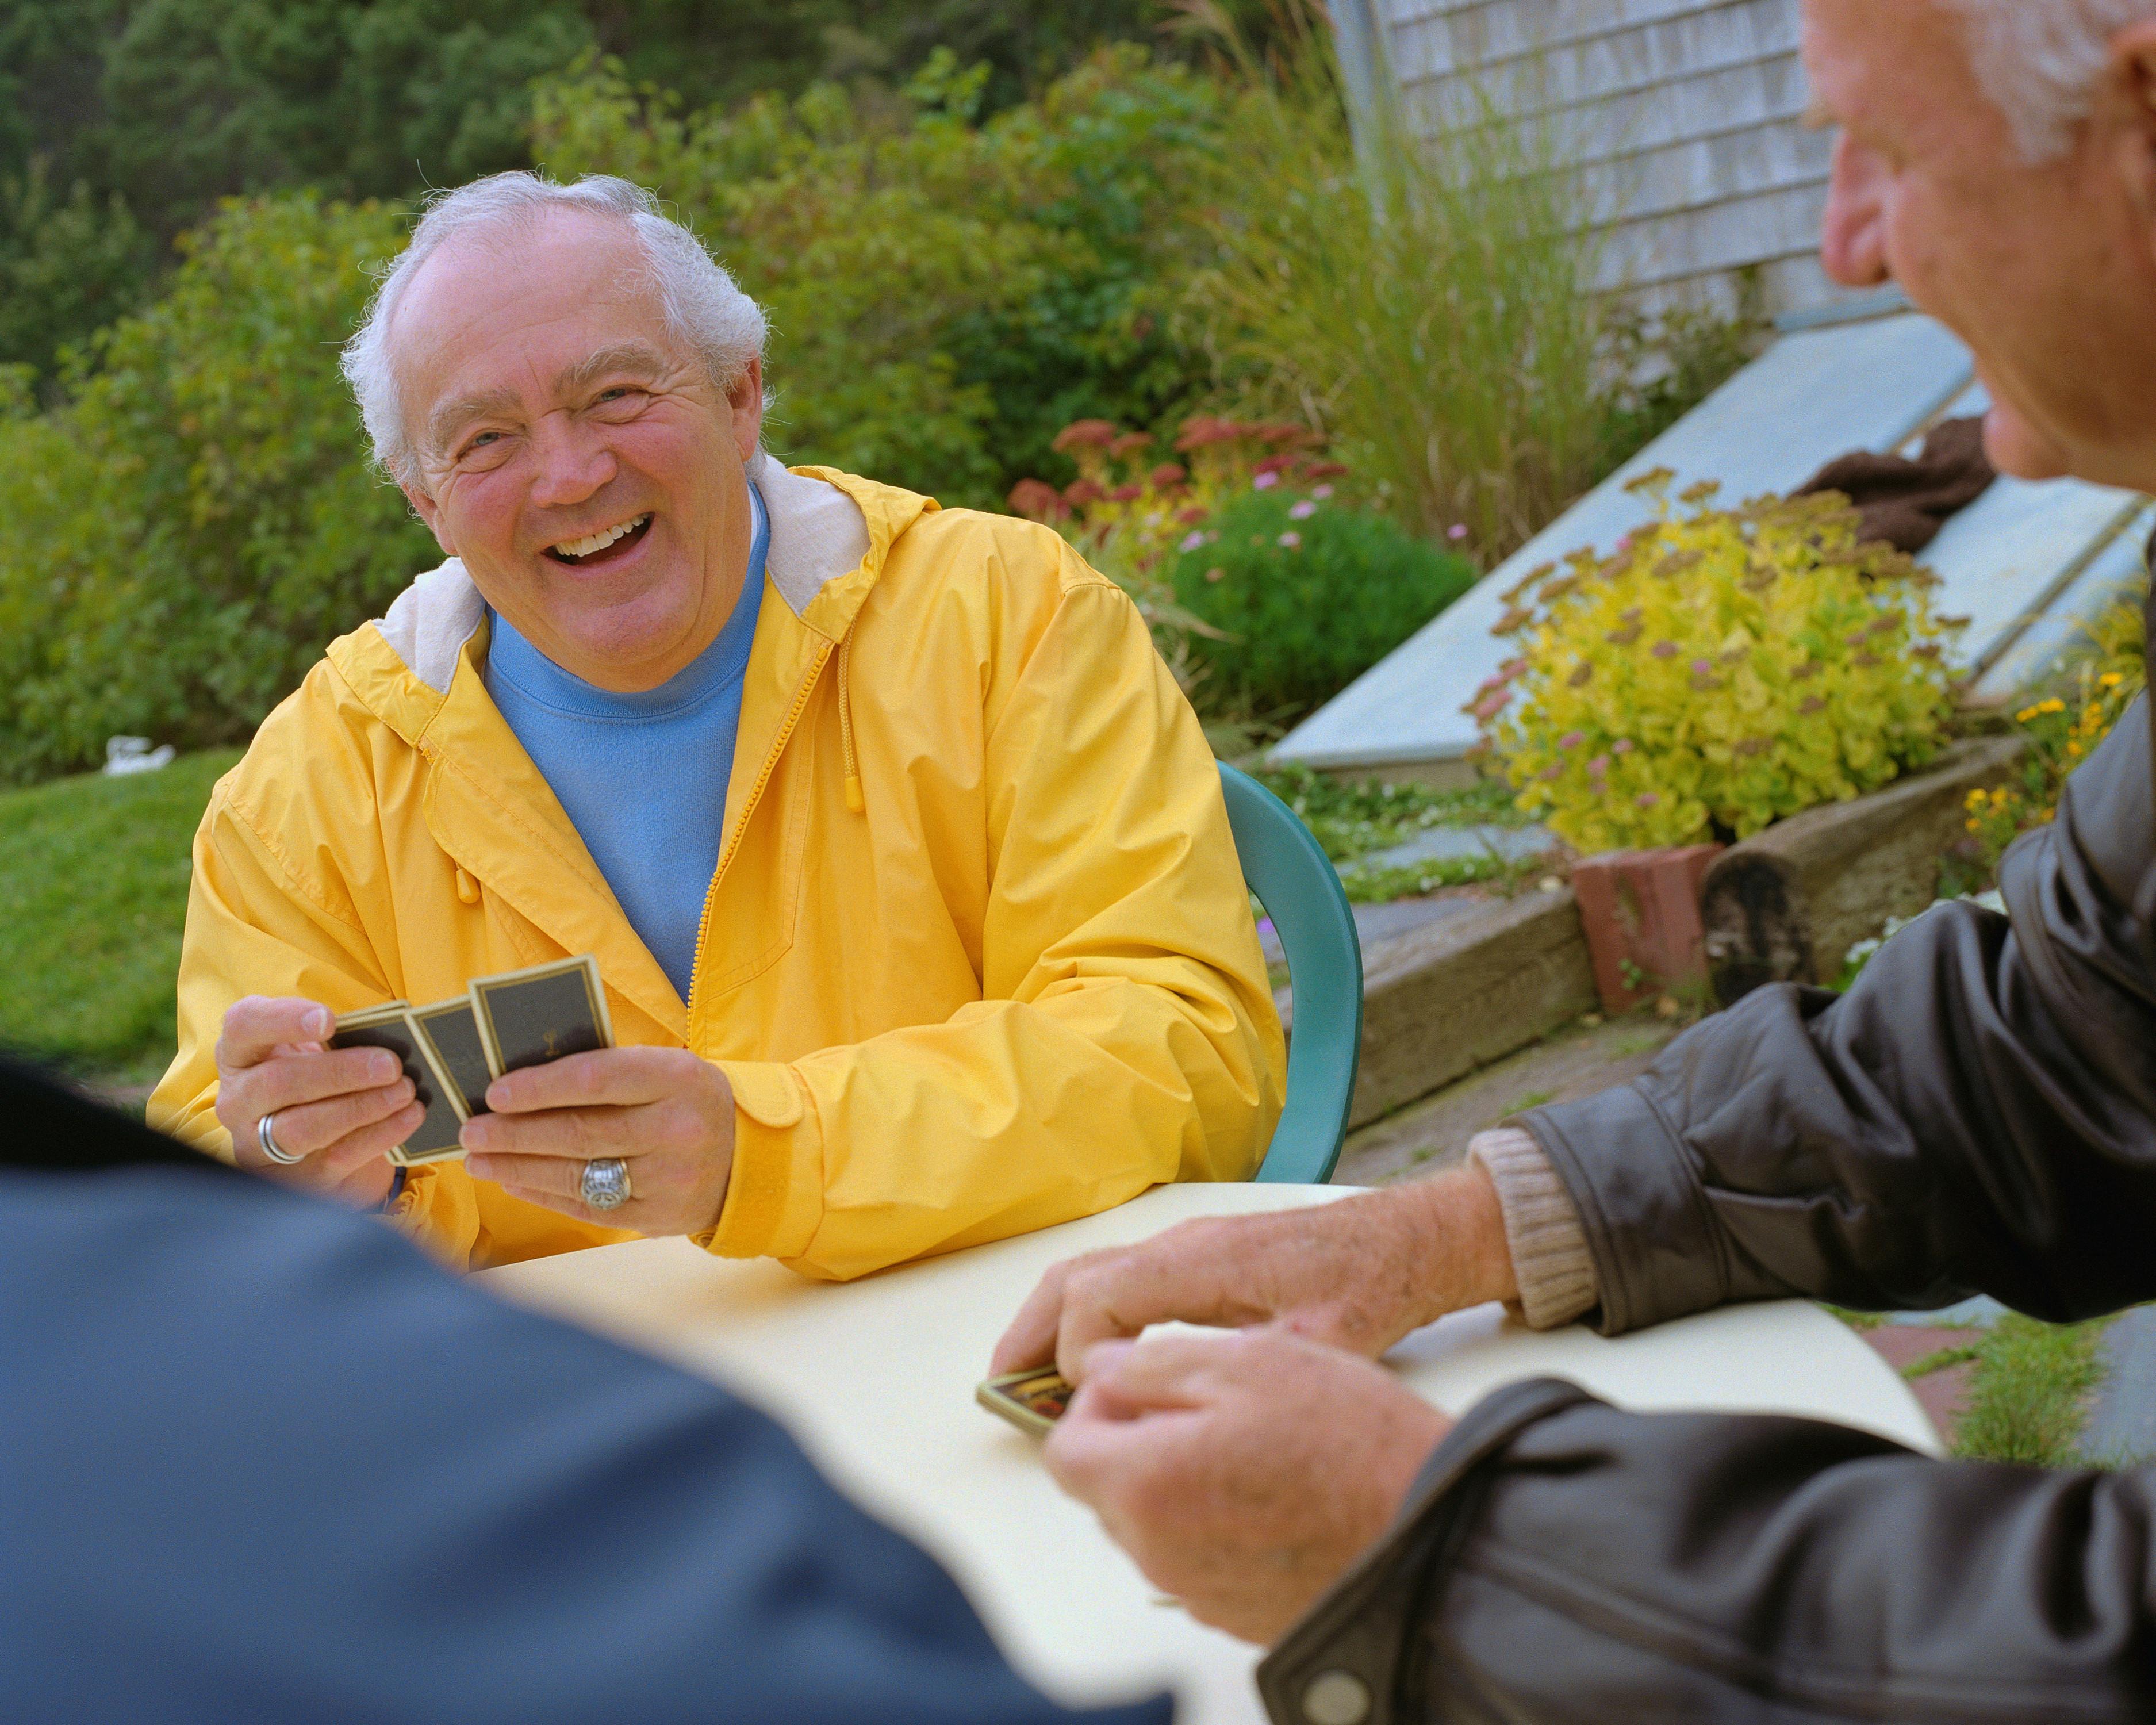 Dagtilbud kan bestå av ulike aktiviteter som skal bidra til en meningsfull hverdag.